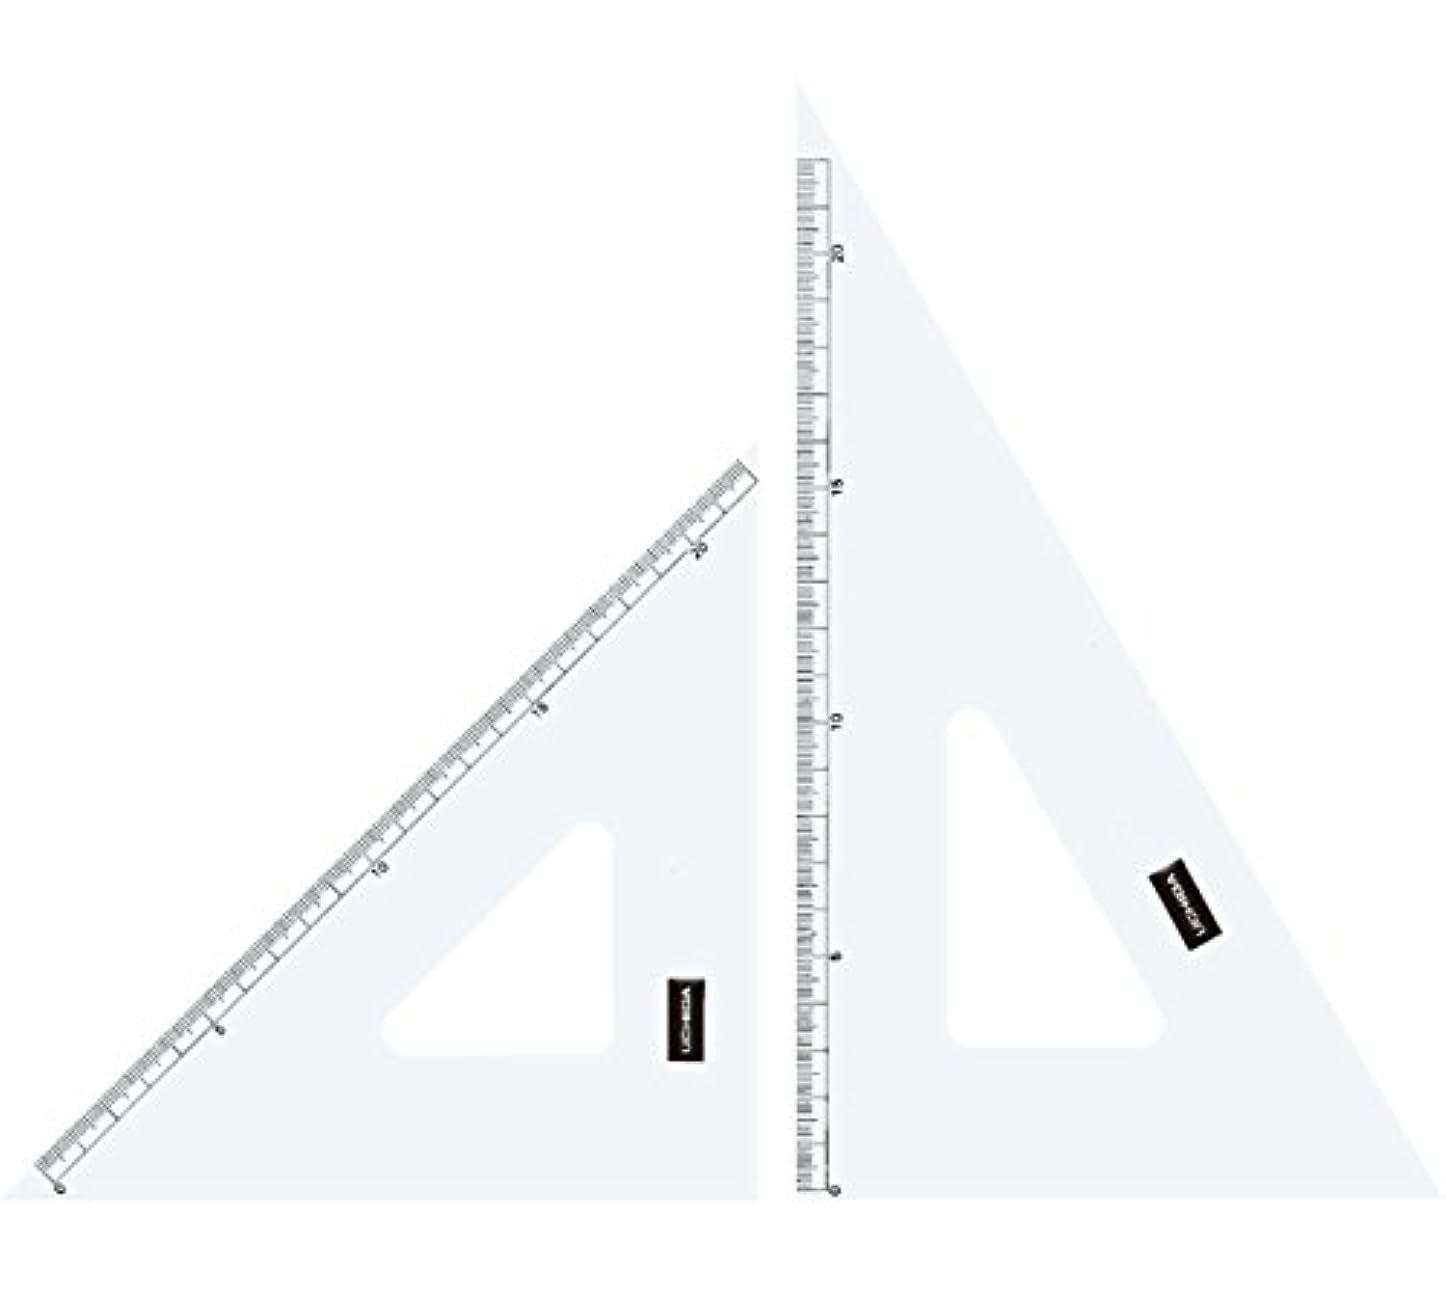 同僚文芸適切にウチダ 三角定規 18cm×2mm 目盛り付 1-809-1802